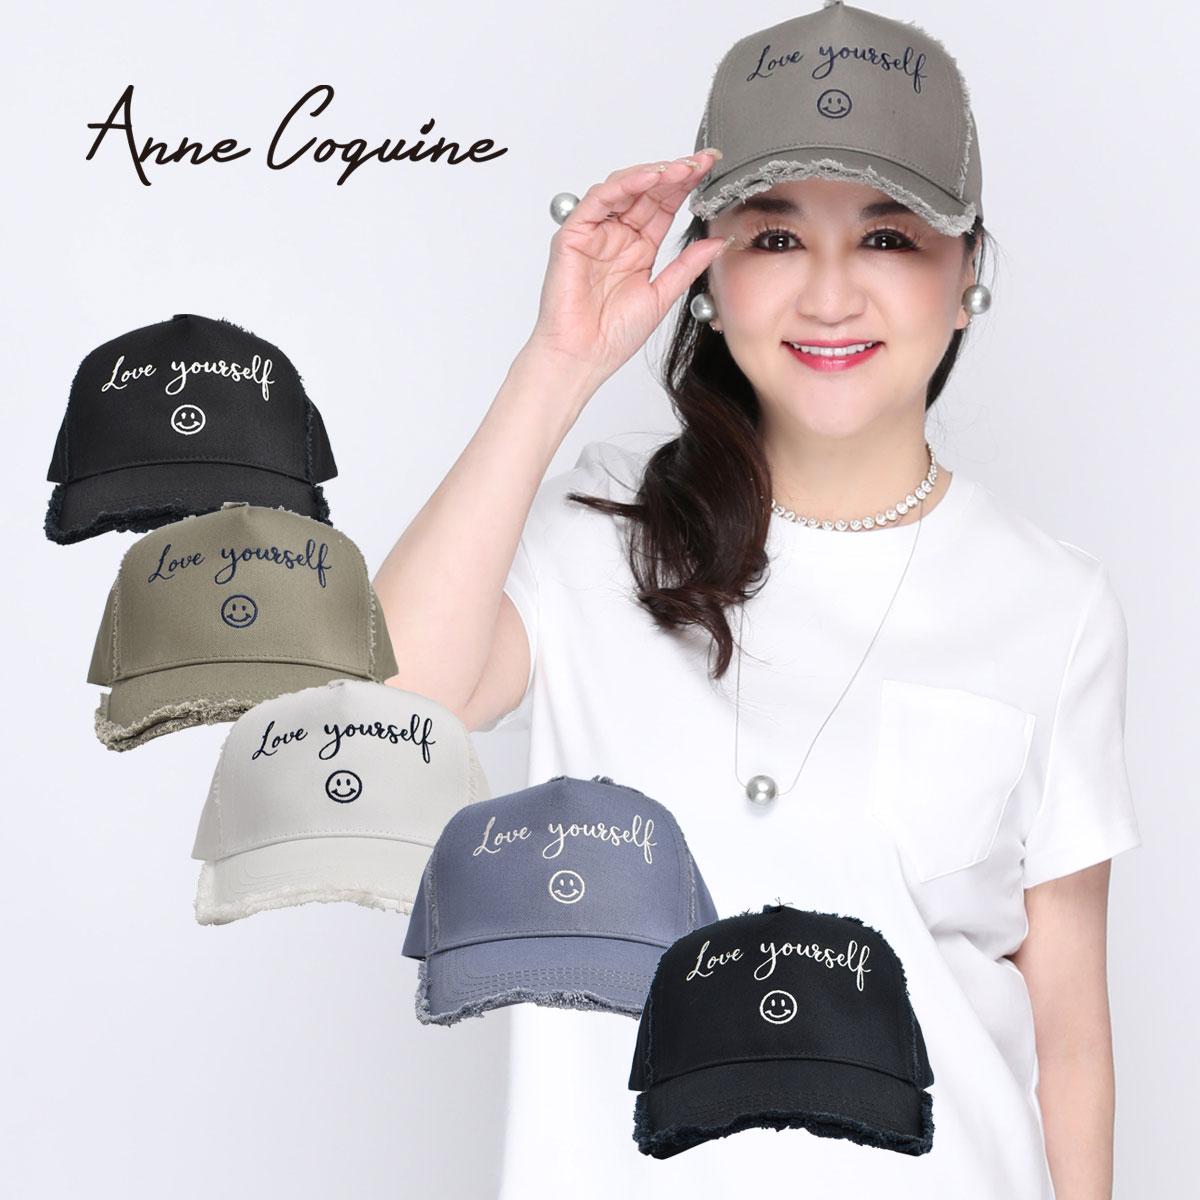 (公式) アンコキーヌ AnneCoquine キャップ LoveYourself 刺繍キャップ 7128  レディース メンズ 帽子 ブランド 高級 プレゼント ギフト ラッピング 藤島彩子 QVC TVショッピング